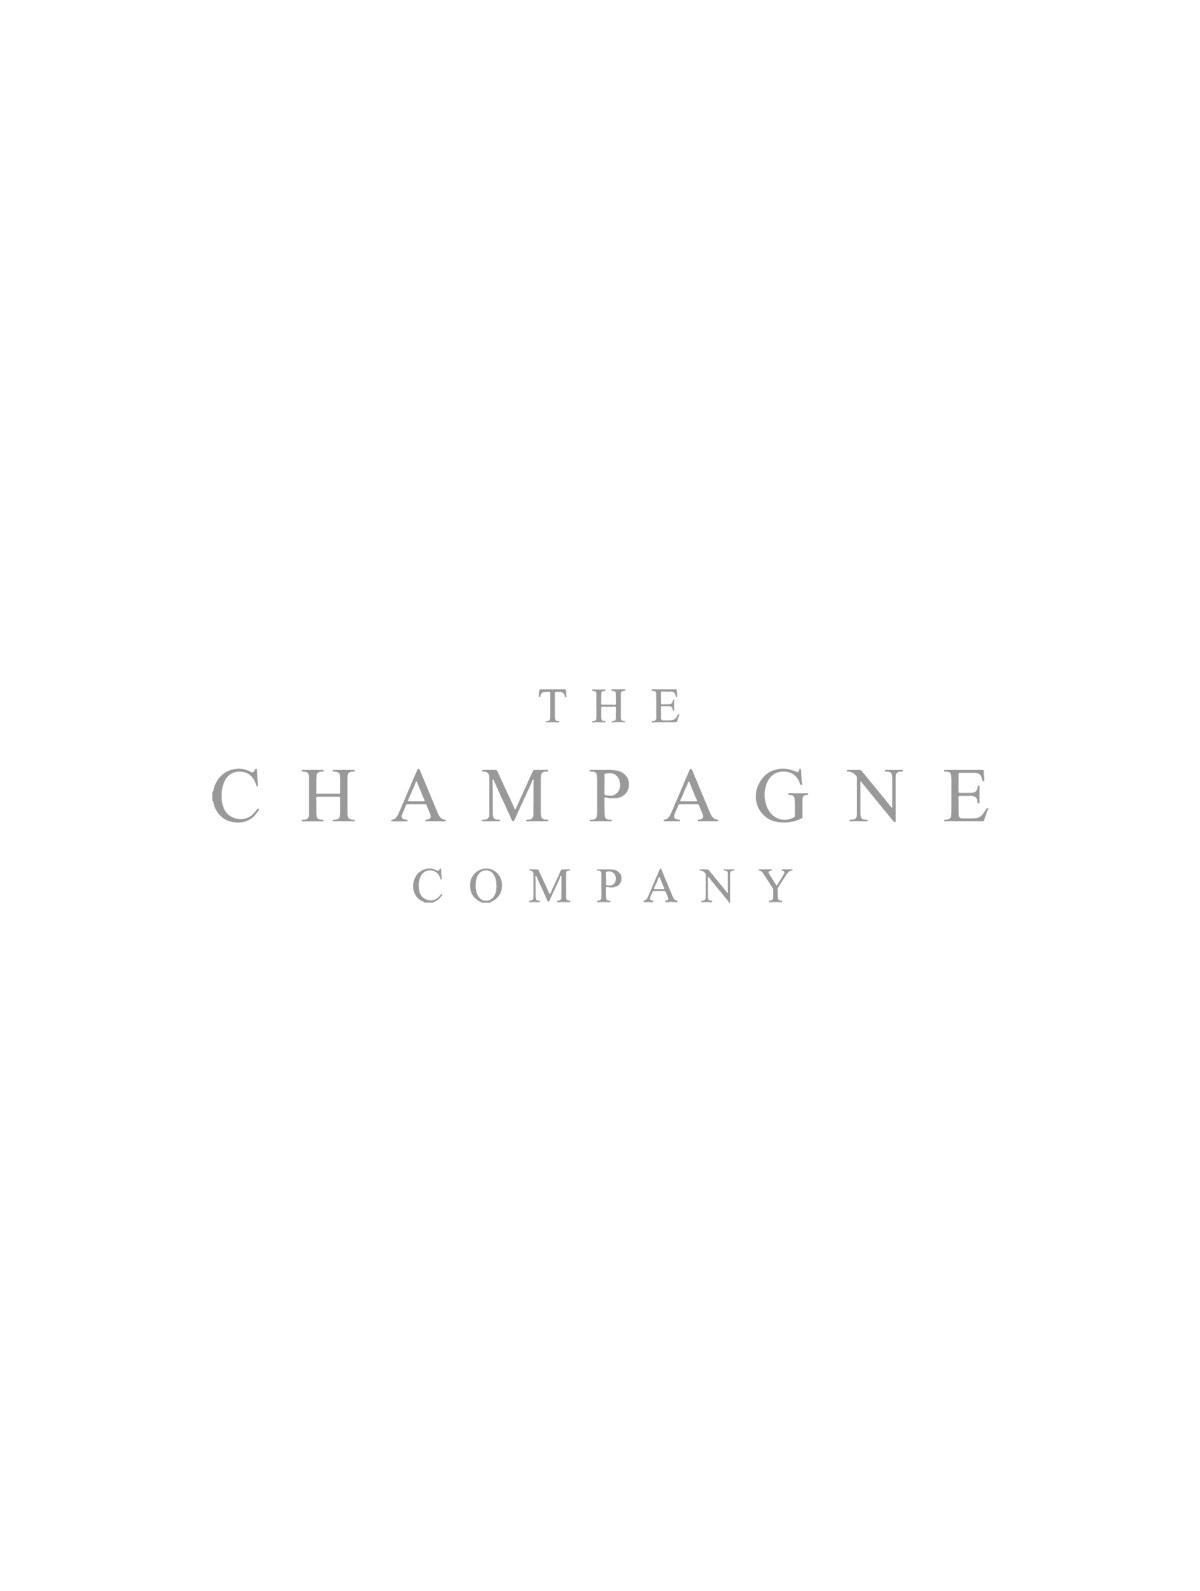 Dom Perignon P2 2000 Vintage Champagne